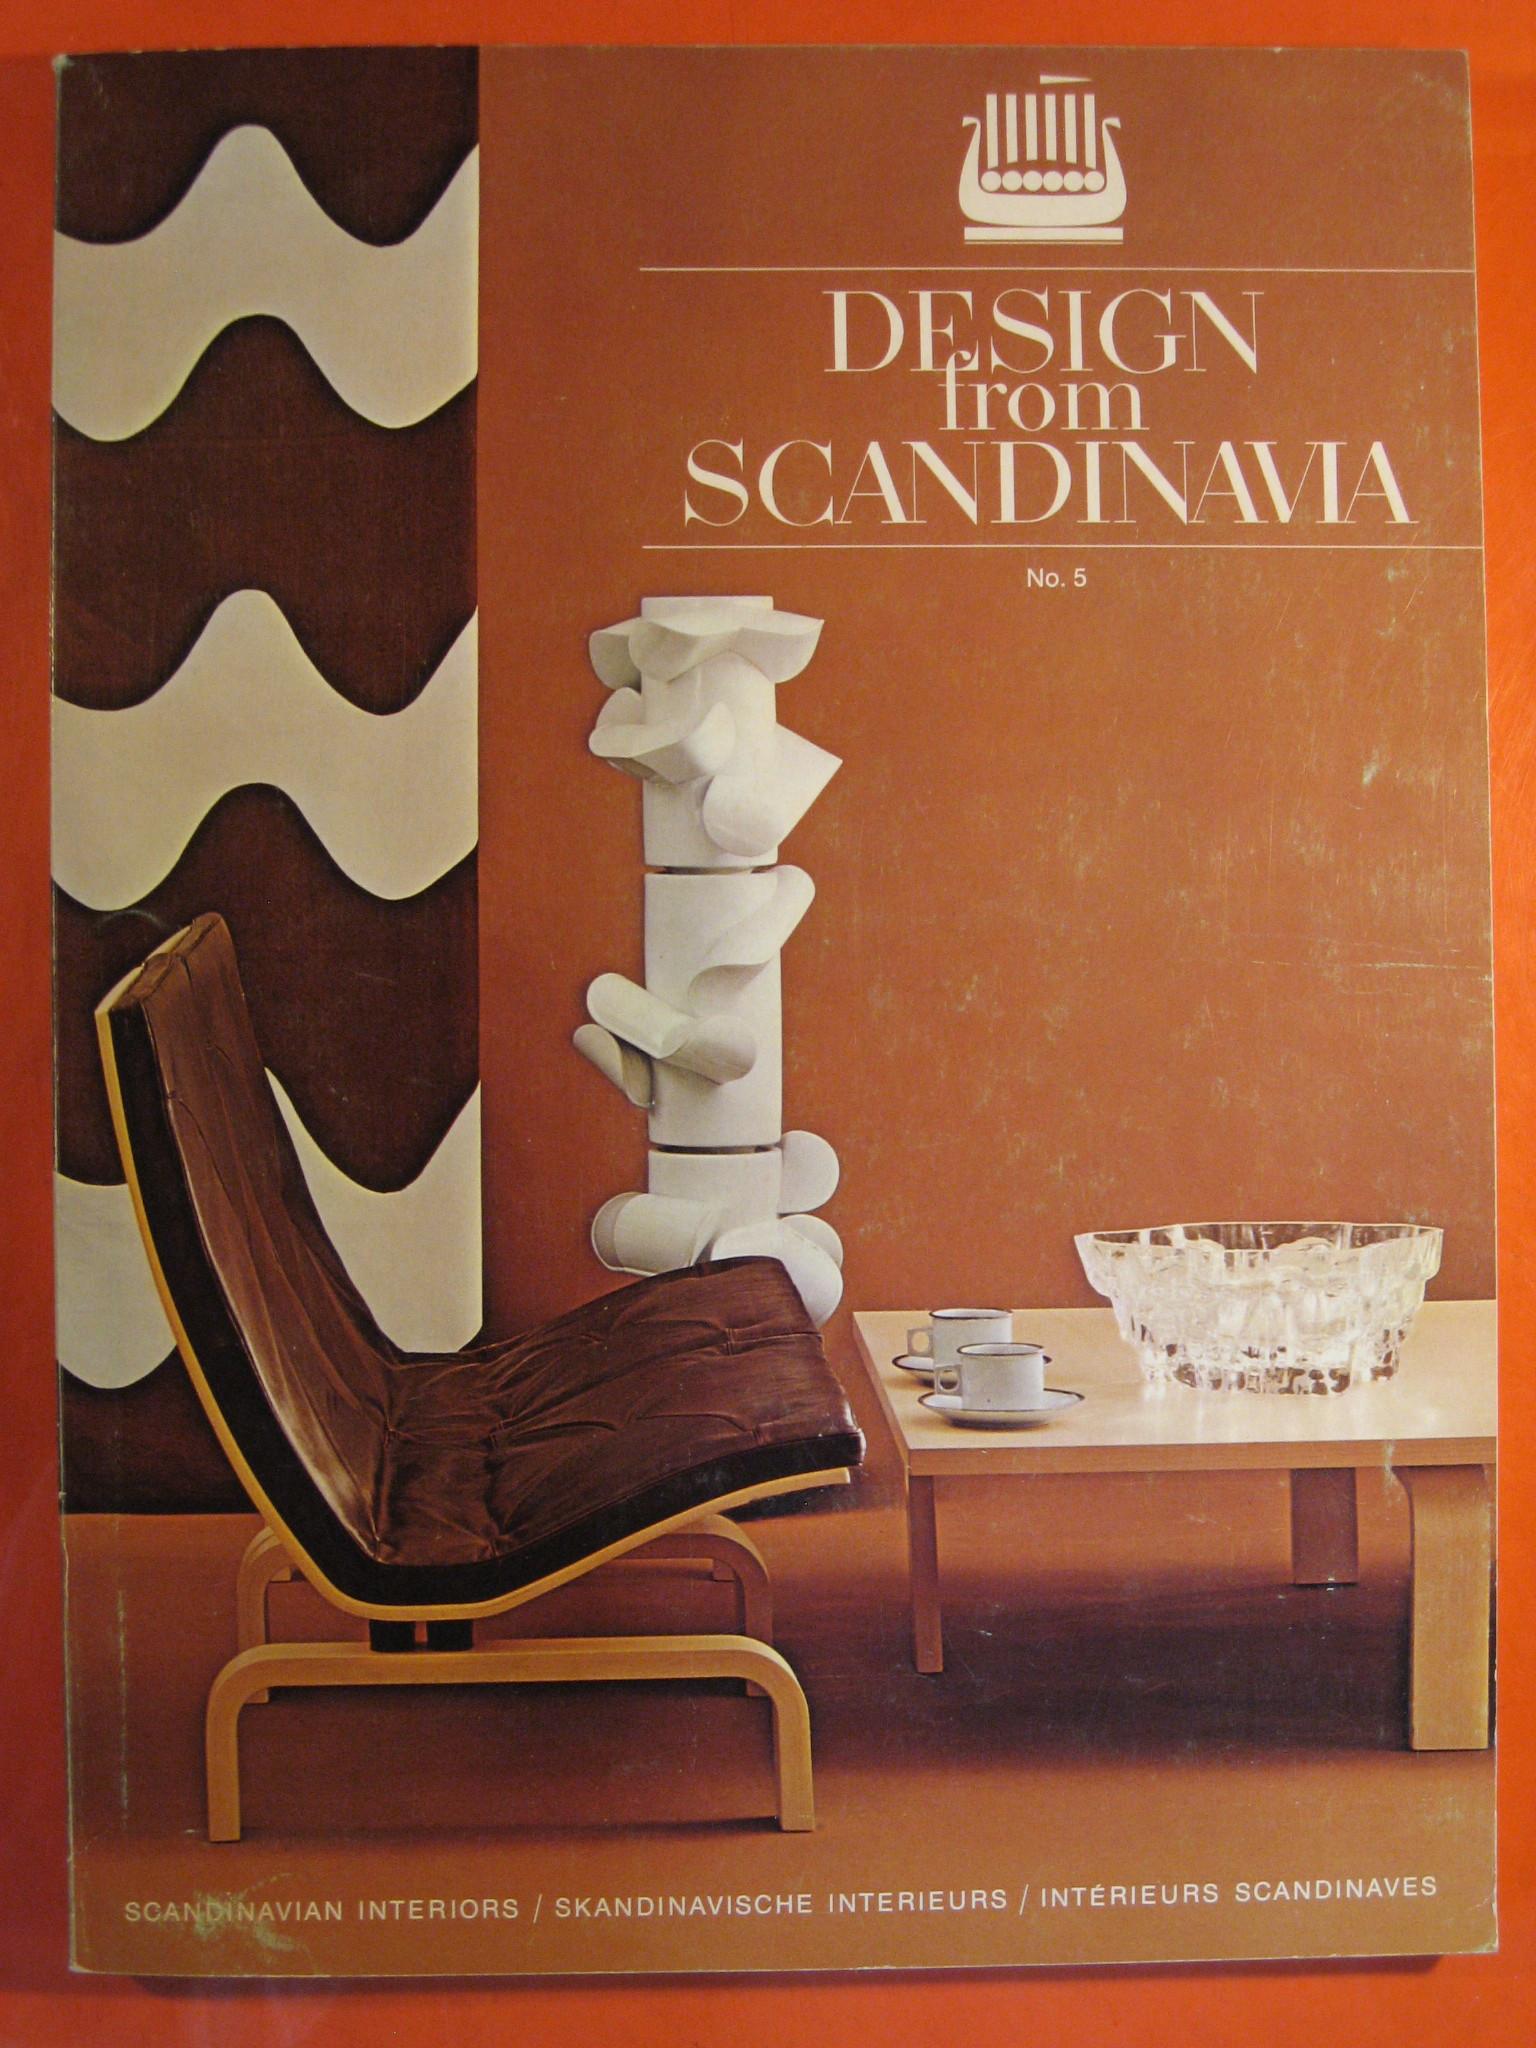 Design from Scandinavia No. 5, Meedom, Klaus,; Svend Erik Moller;  Ulf Hard Af Segerstad